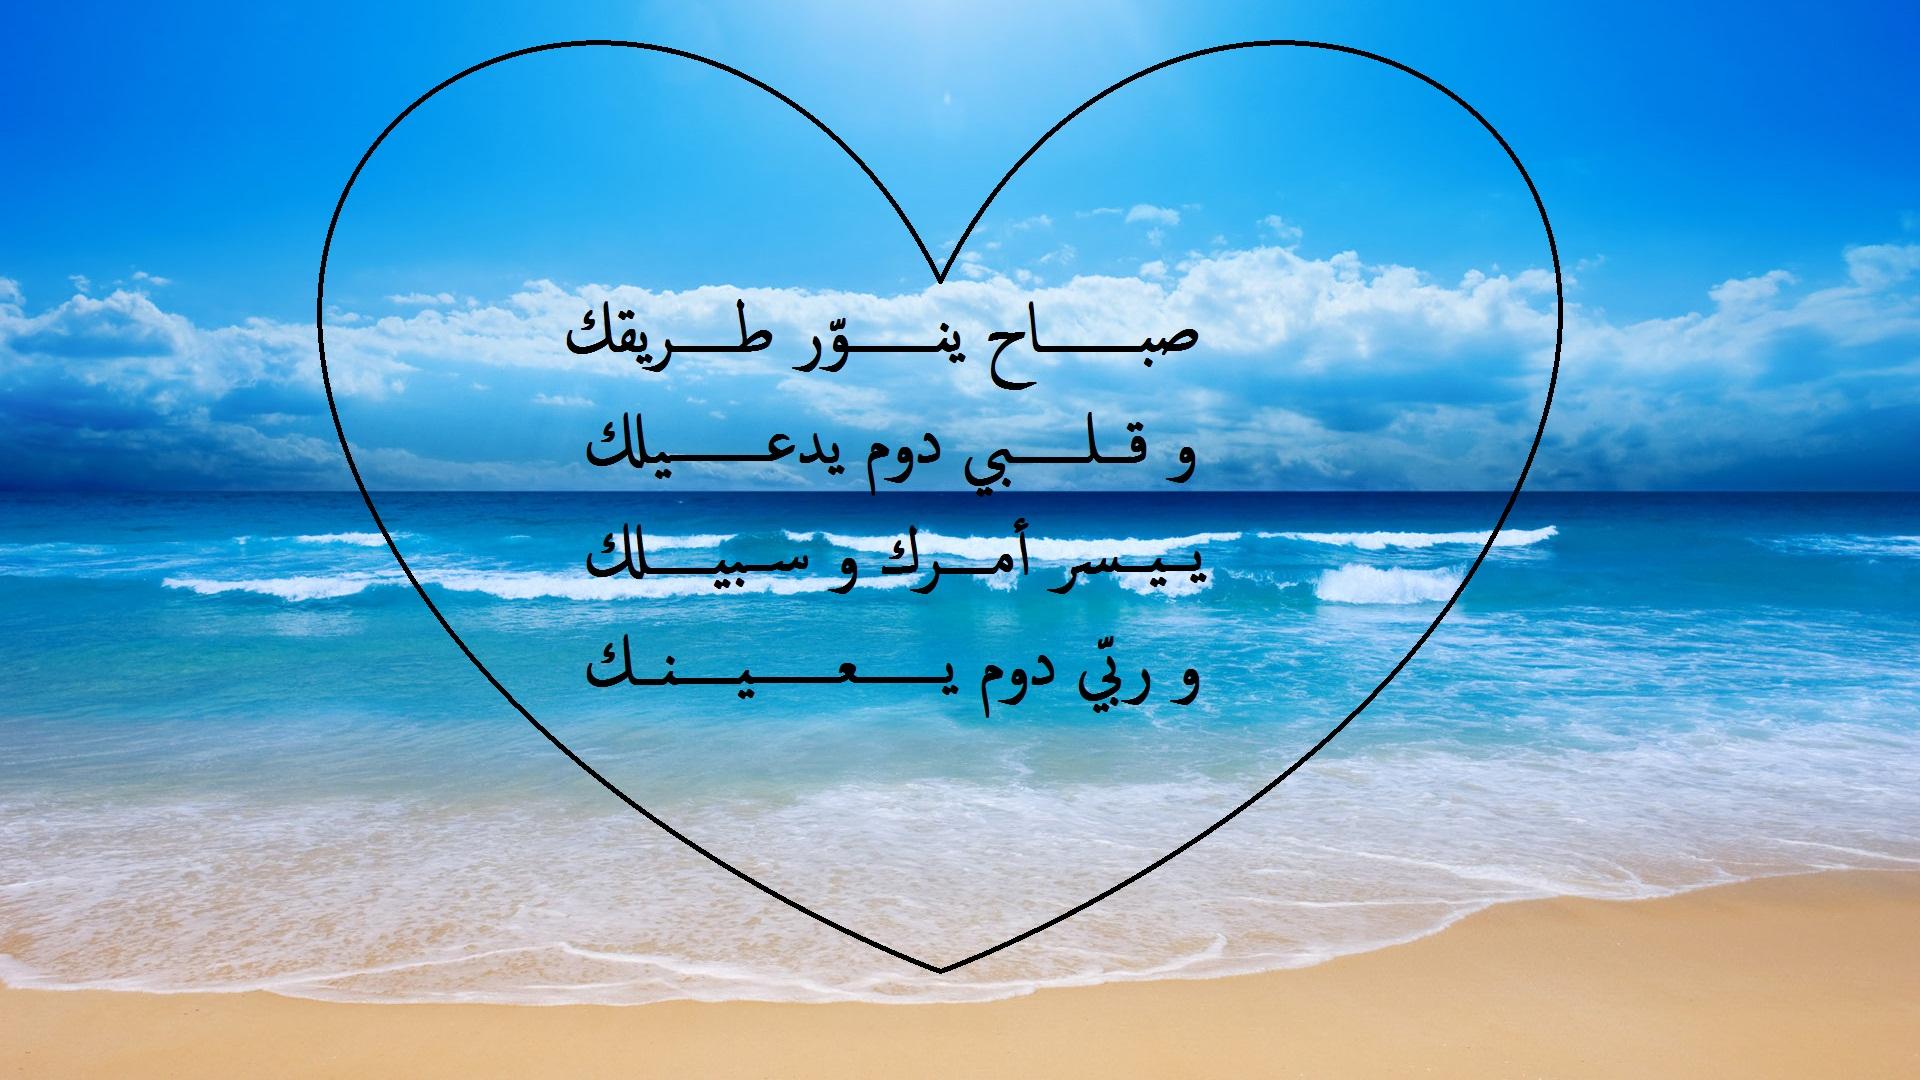 رسالة صباح الخير حبيبتي